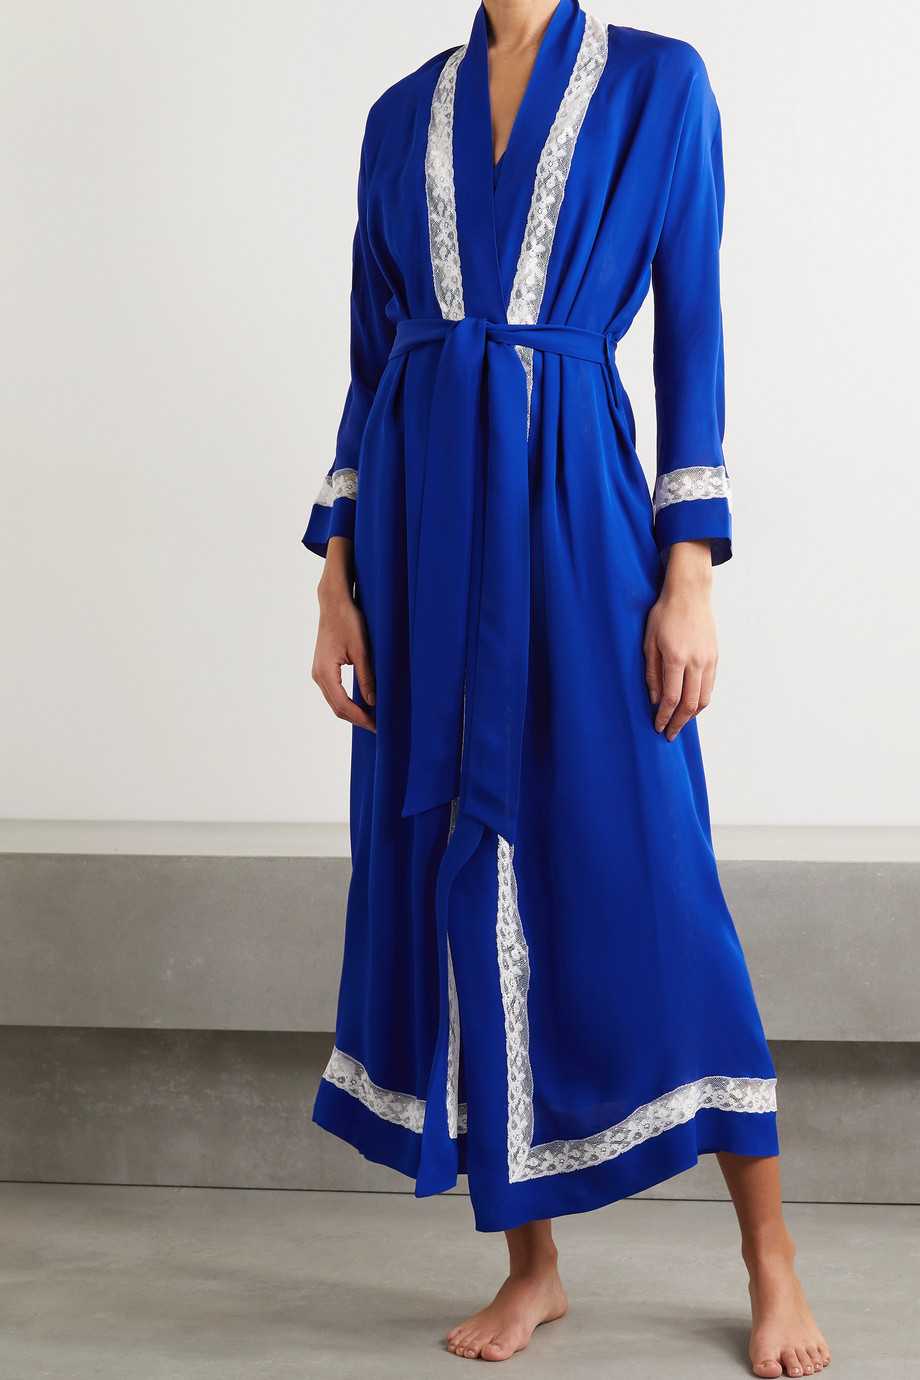 Loretta Caponi Lace-trimmed silk-georgette robe